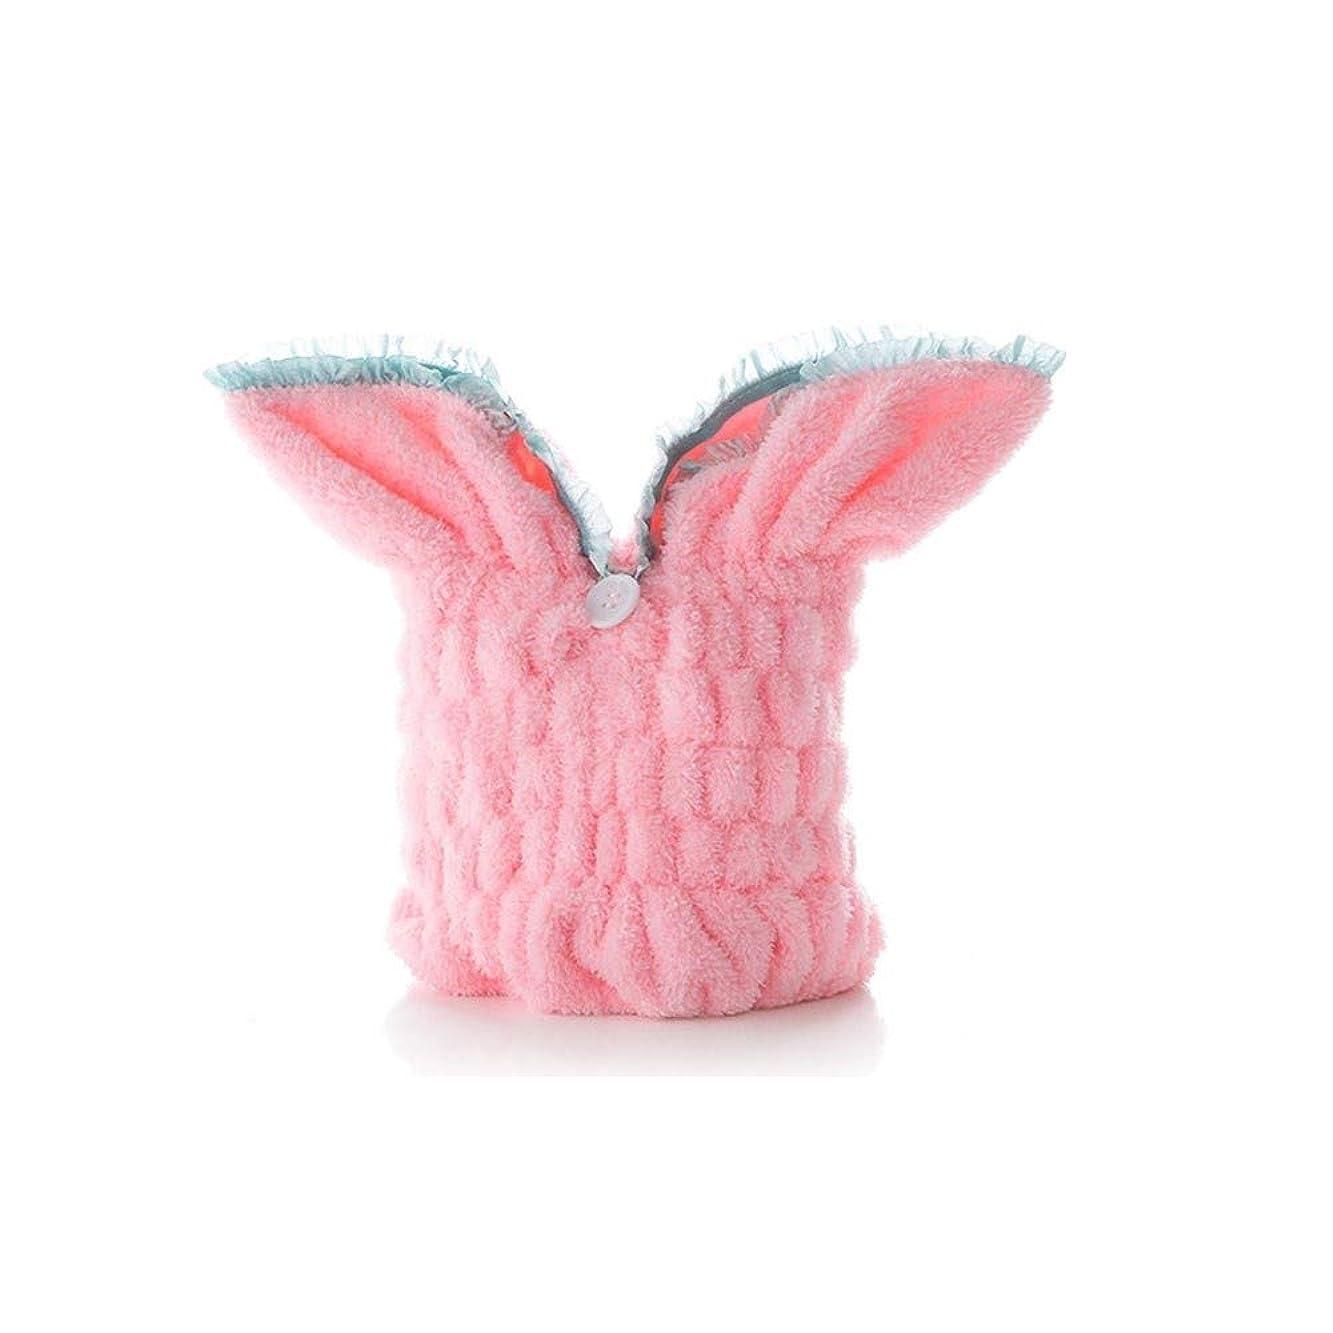 写真シリーズ苦情文句QXFD キャップシャワー、女子ドライシャワーキャップデラックスは、キャップレディすべての髪の長さや太さ防かび、再利用可能なシャワーキャップシャワー。 (Color : Pink)